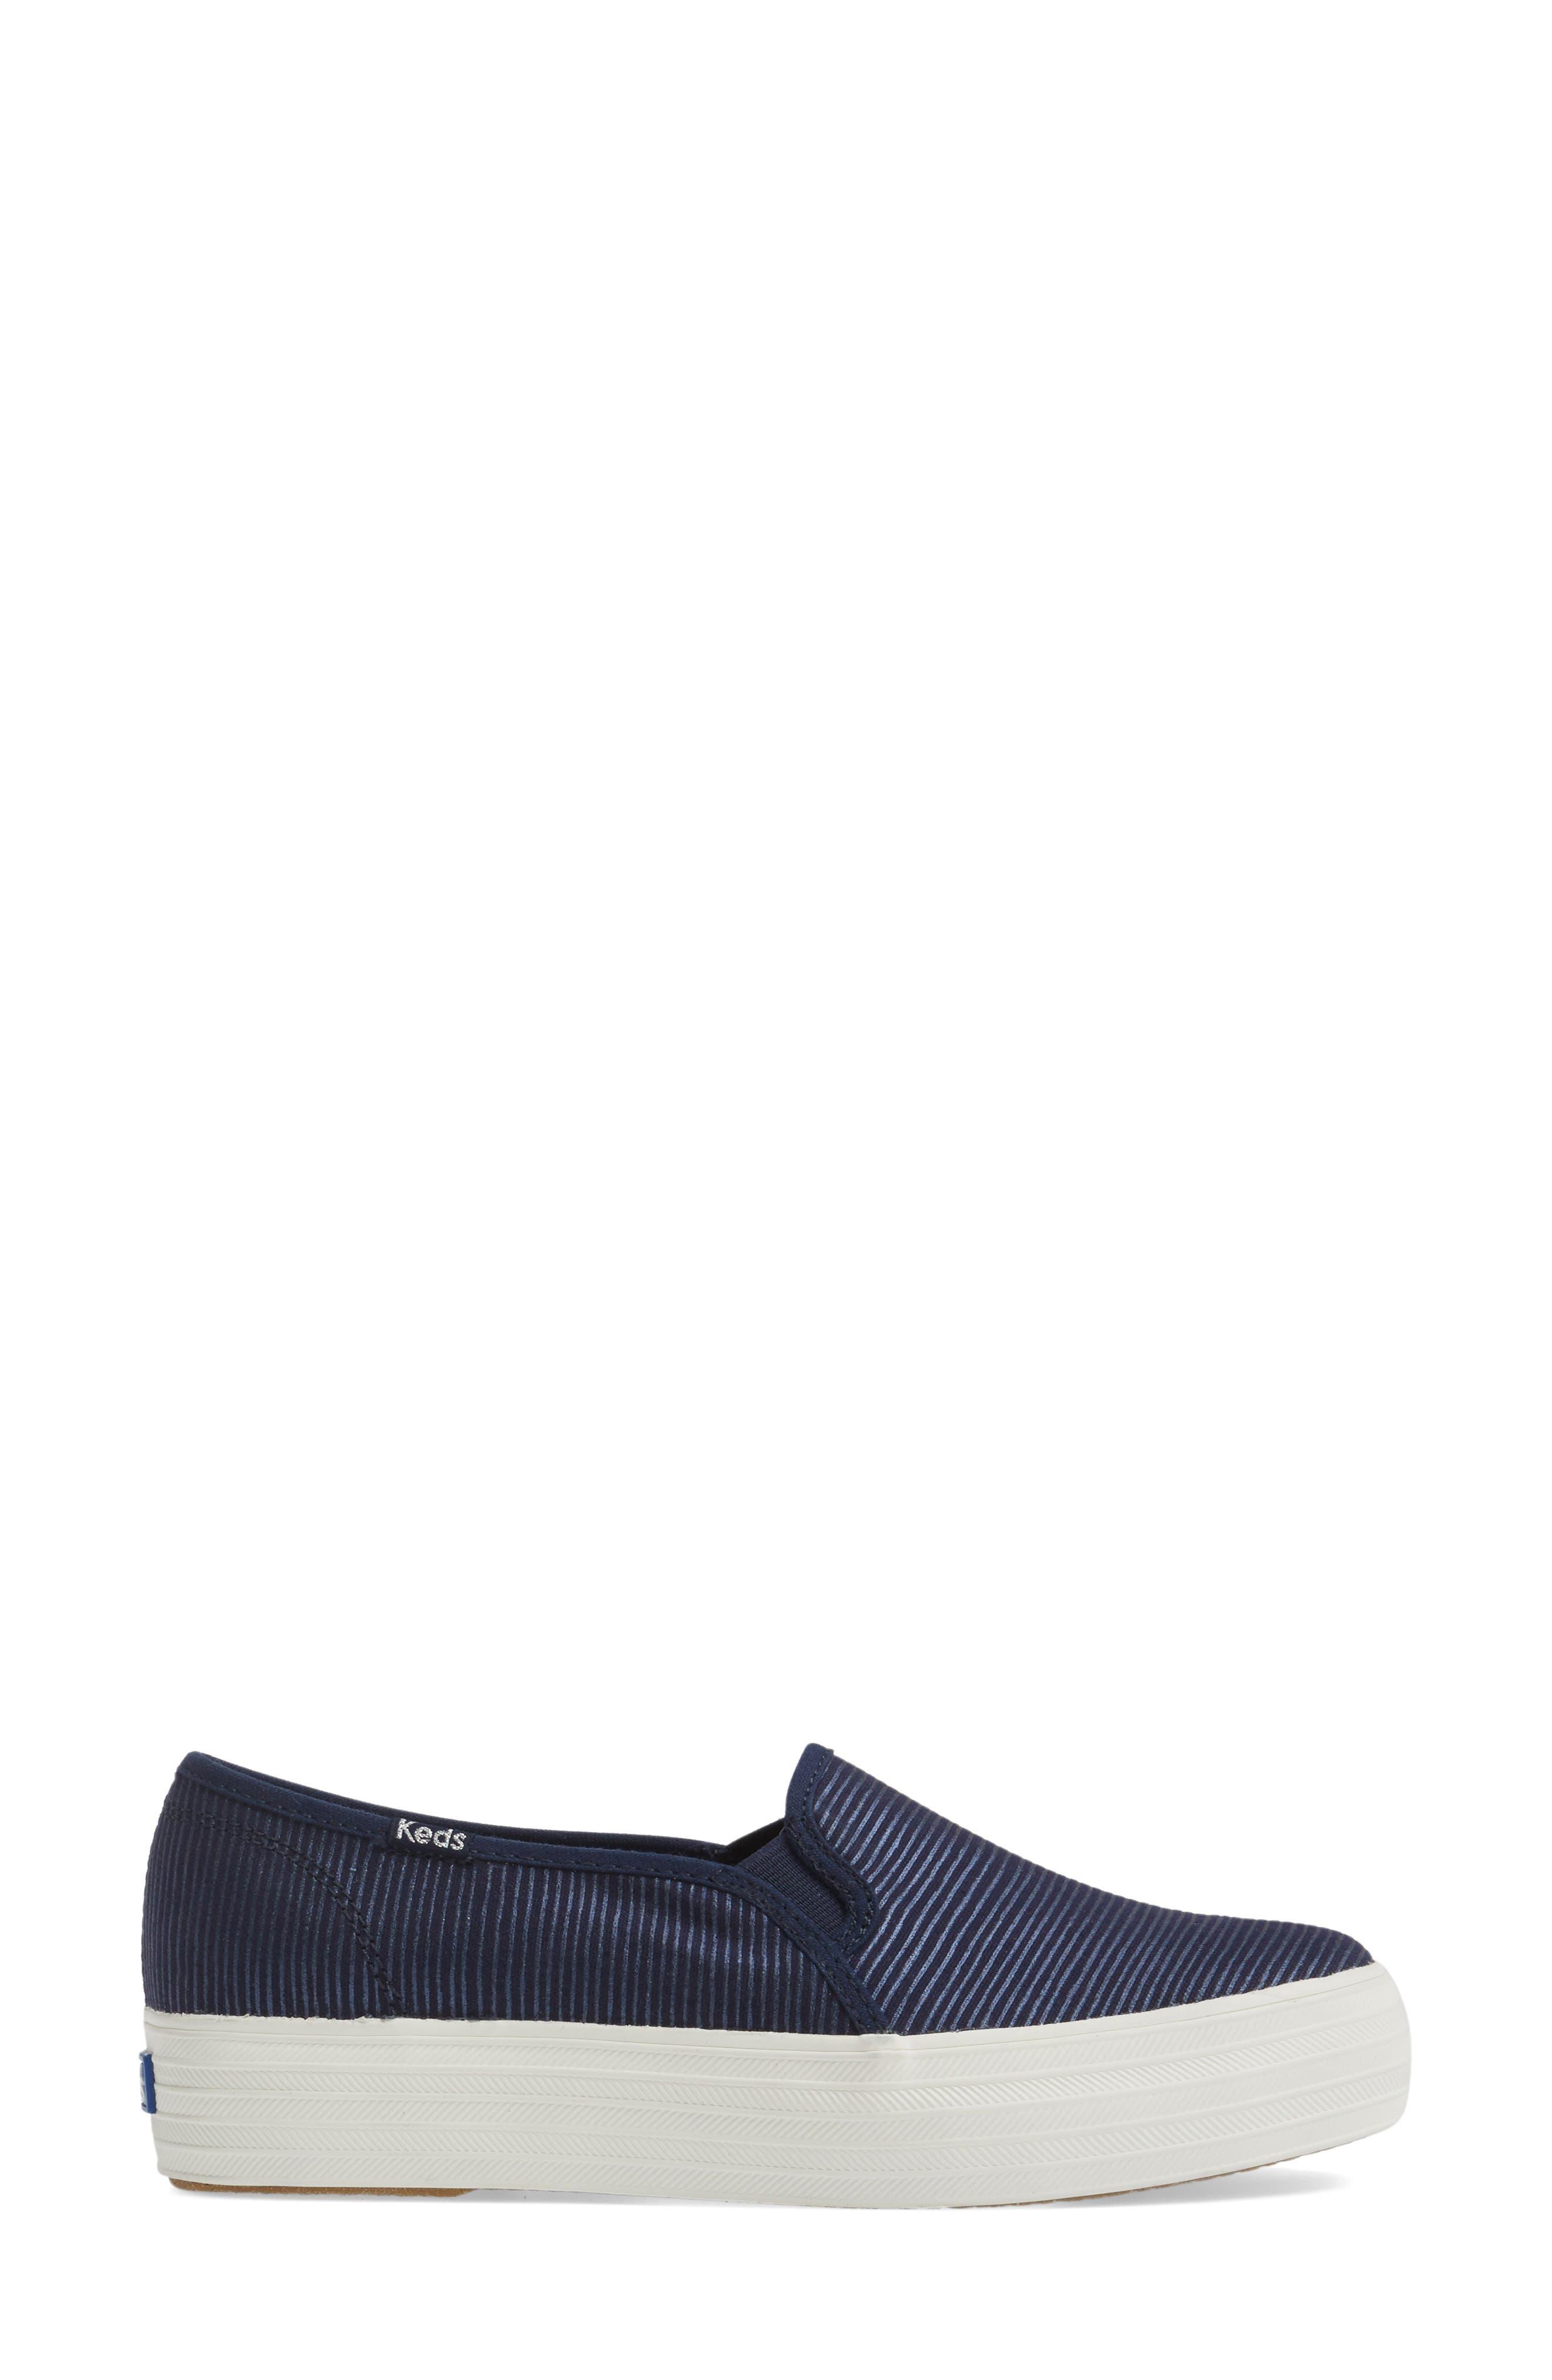 Triple Decker Slip-On Platform Sneaker,                             Alternate thumbnail 25, color,